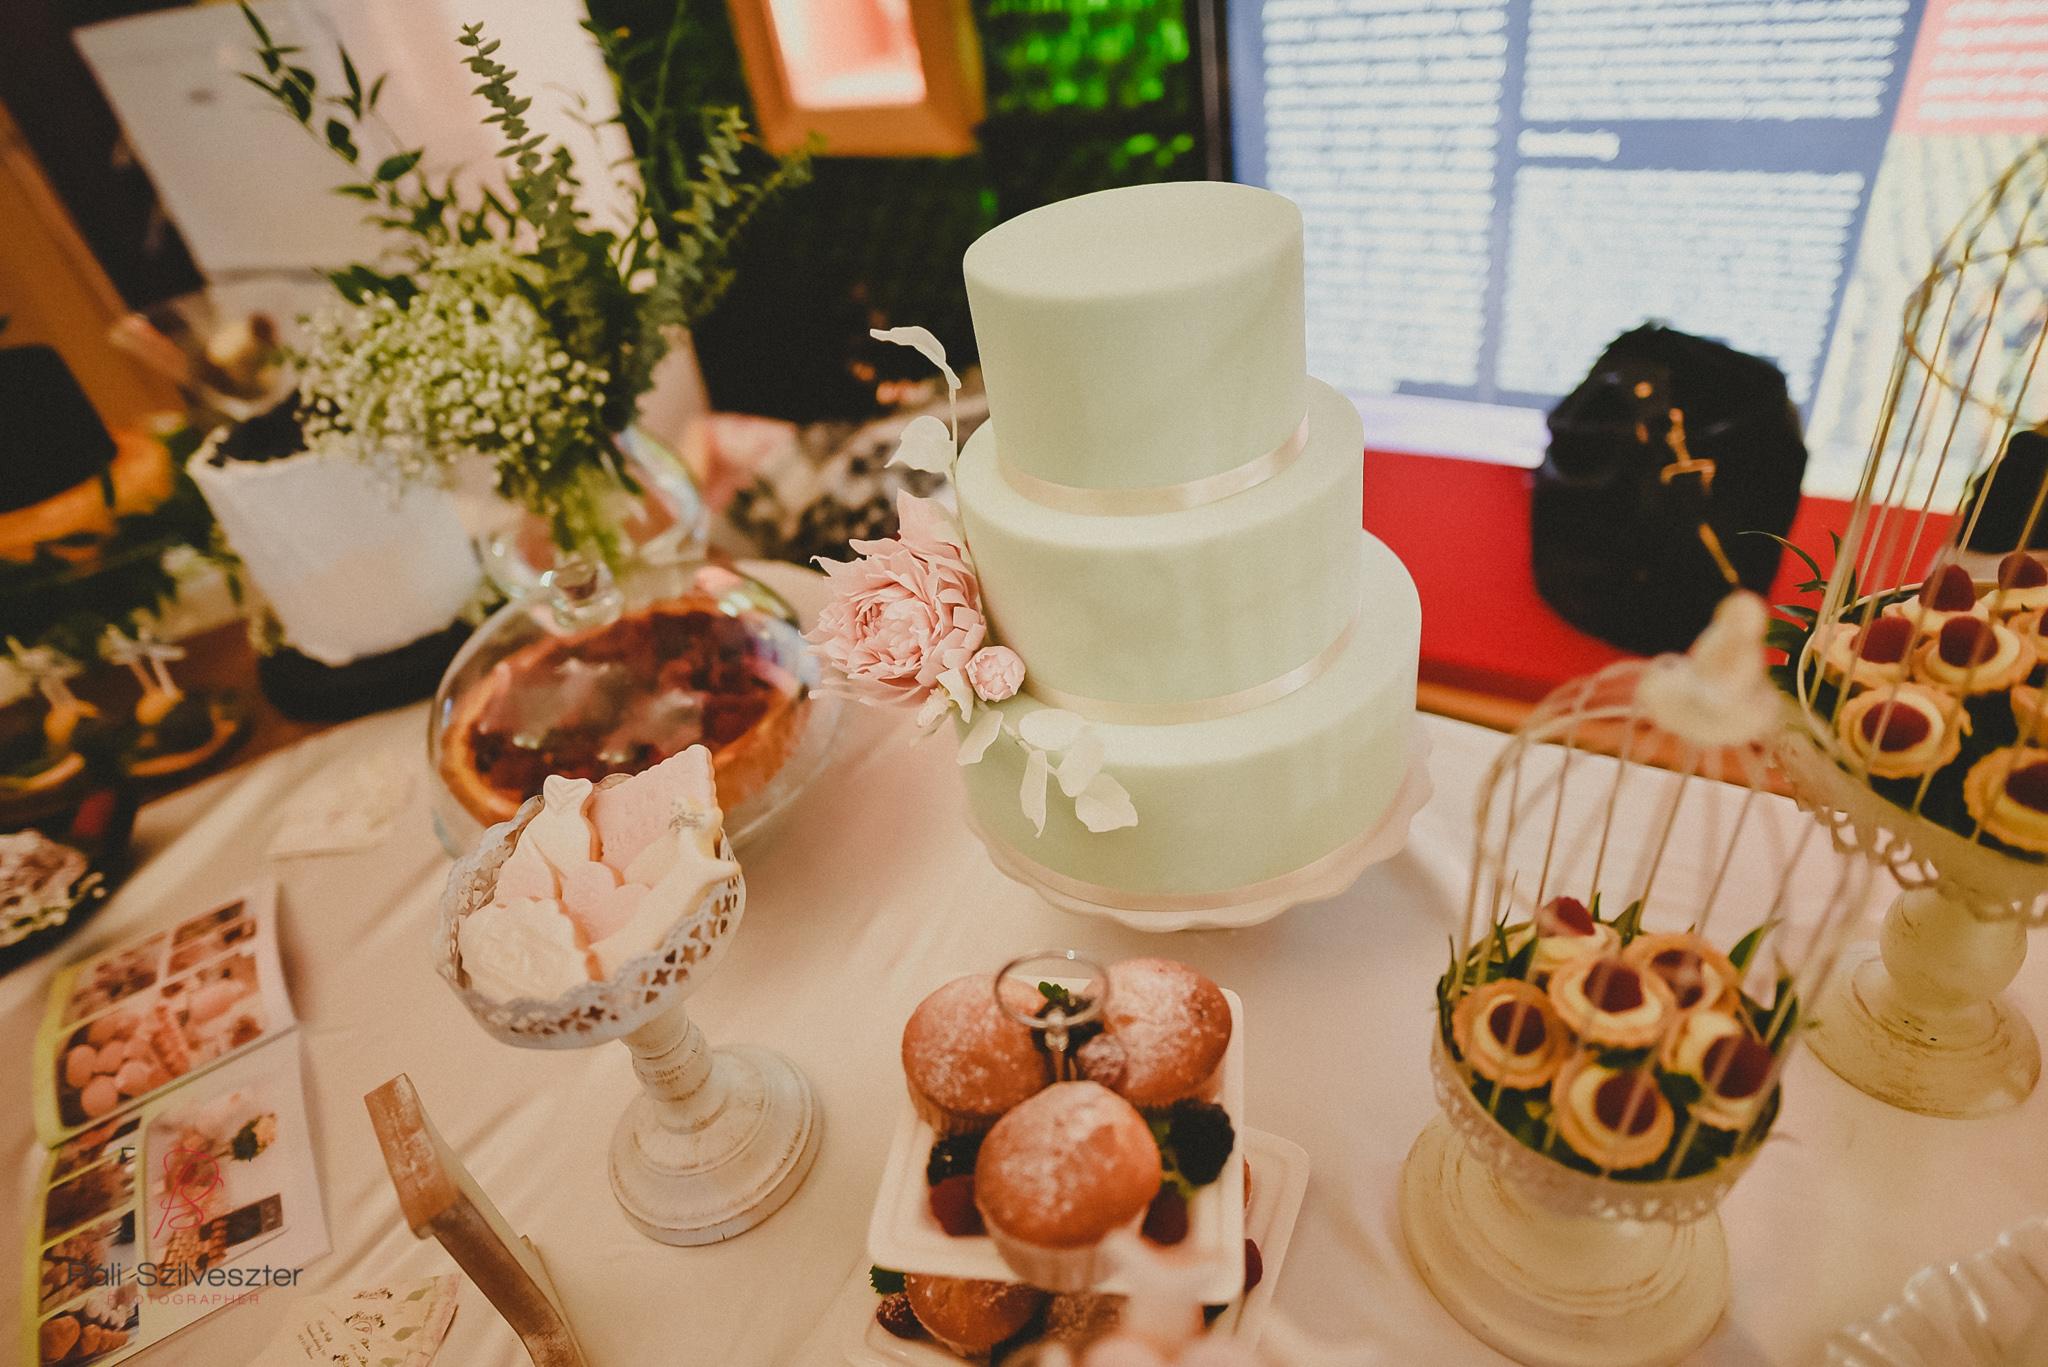 Páli-Szilveszter-székesfehérvári-esküvői-fotós-esztergom-prímás-pince-esüvőkiállítás-2016-01-23-70437.jpg